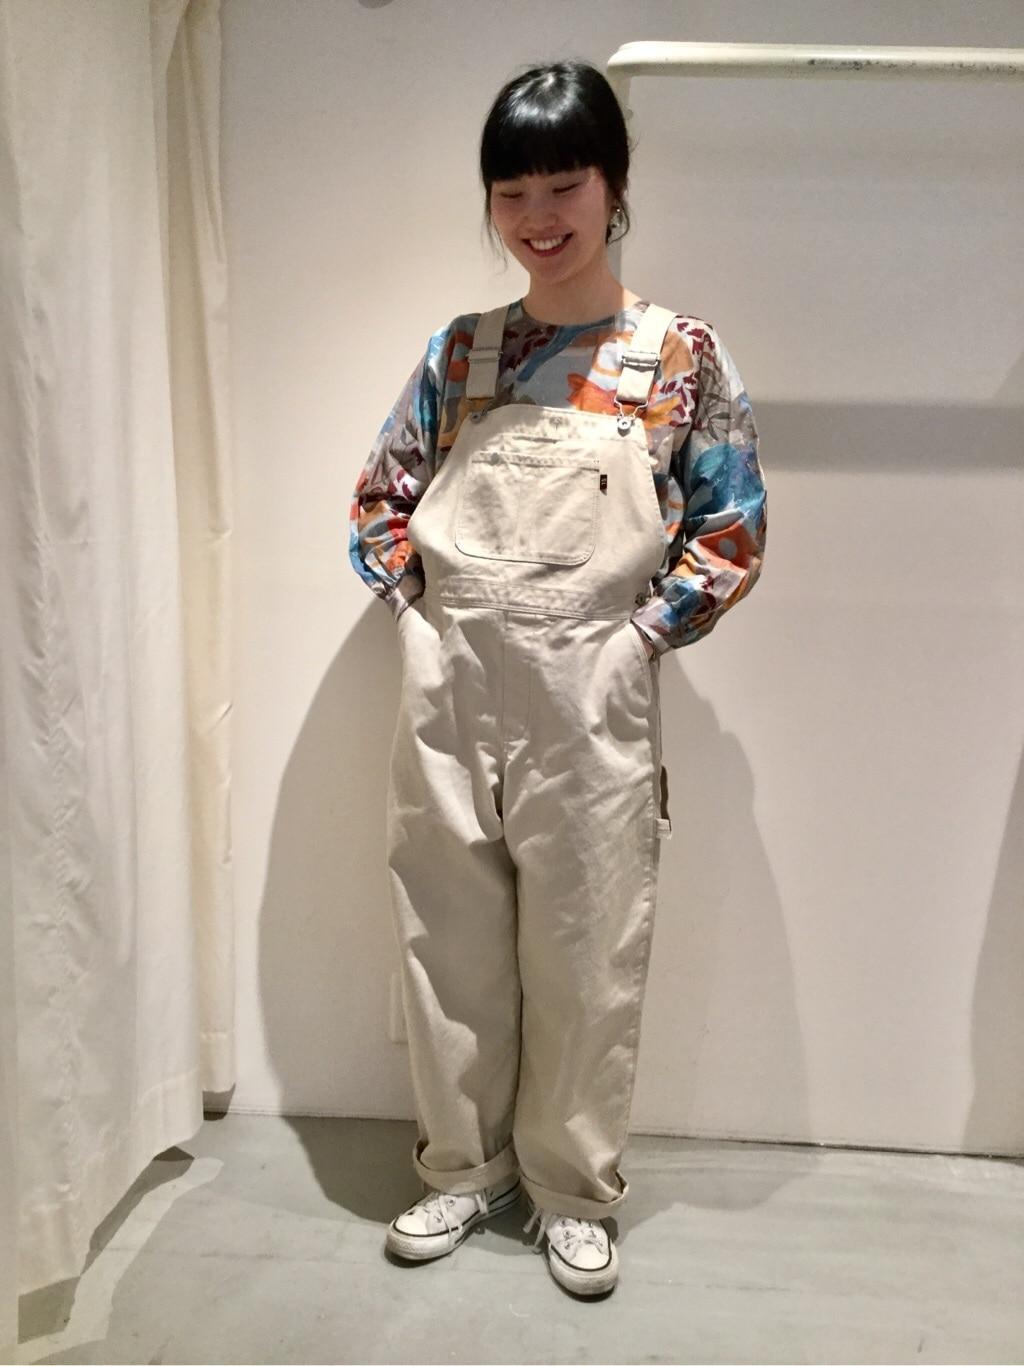 l'atelier du savon 代官山路面 身長:157cm 2020.03.11